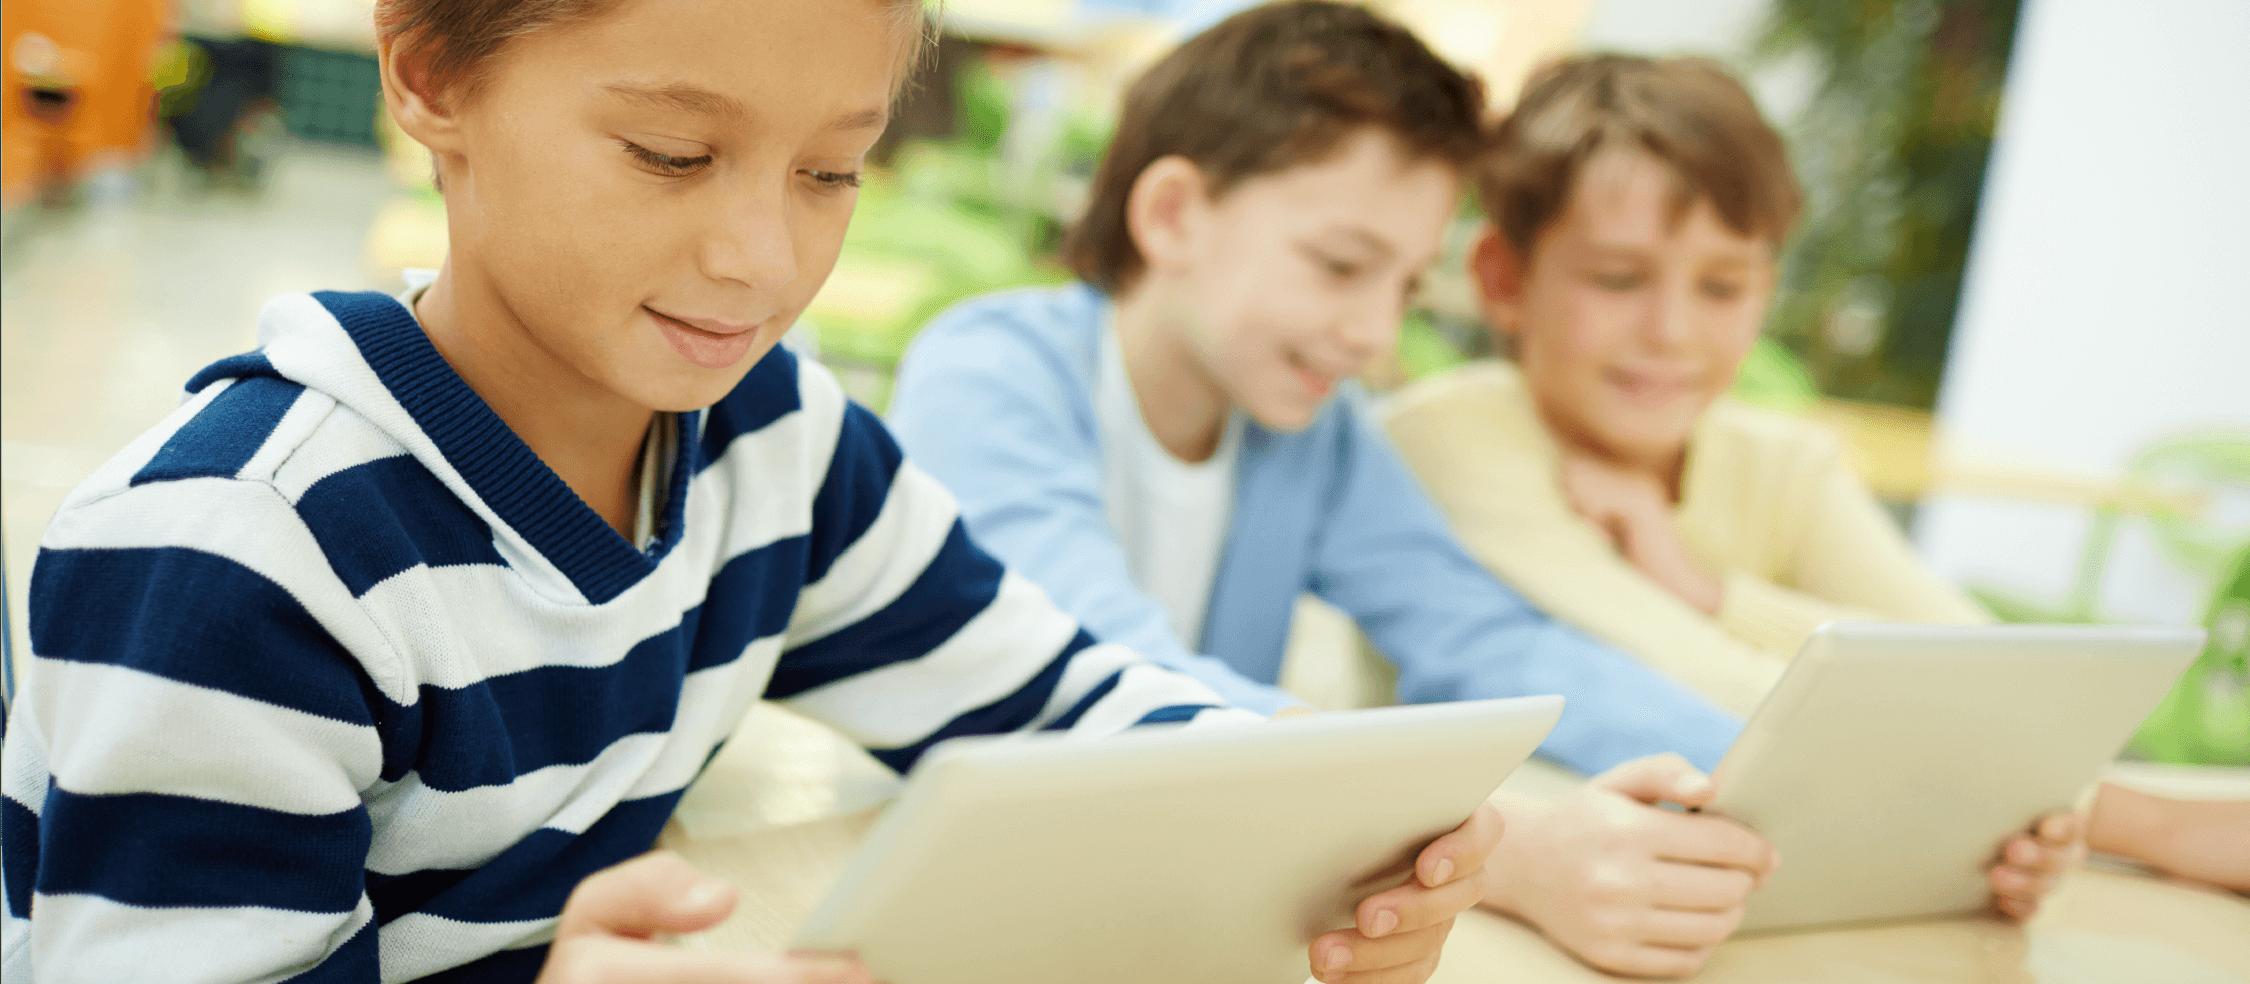 Prefeitura abre licitação para comprar kit tecnológico para educação